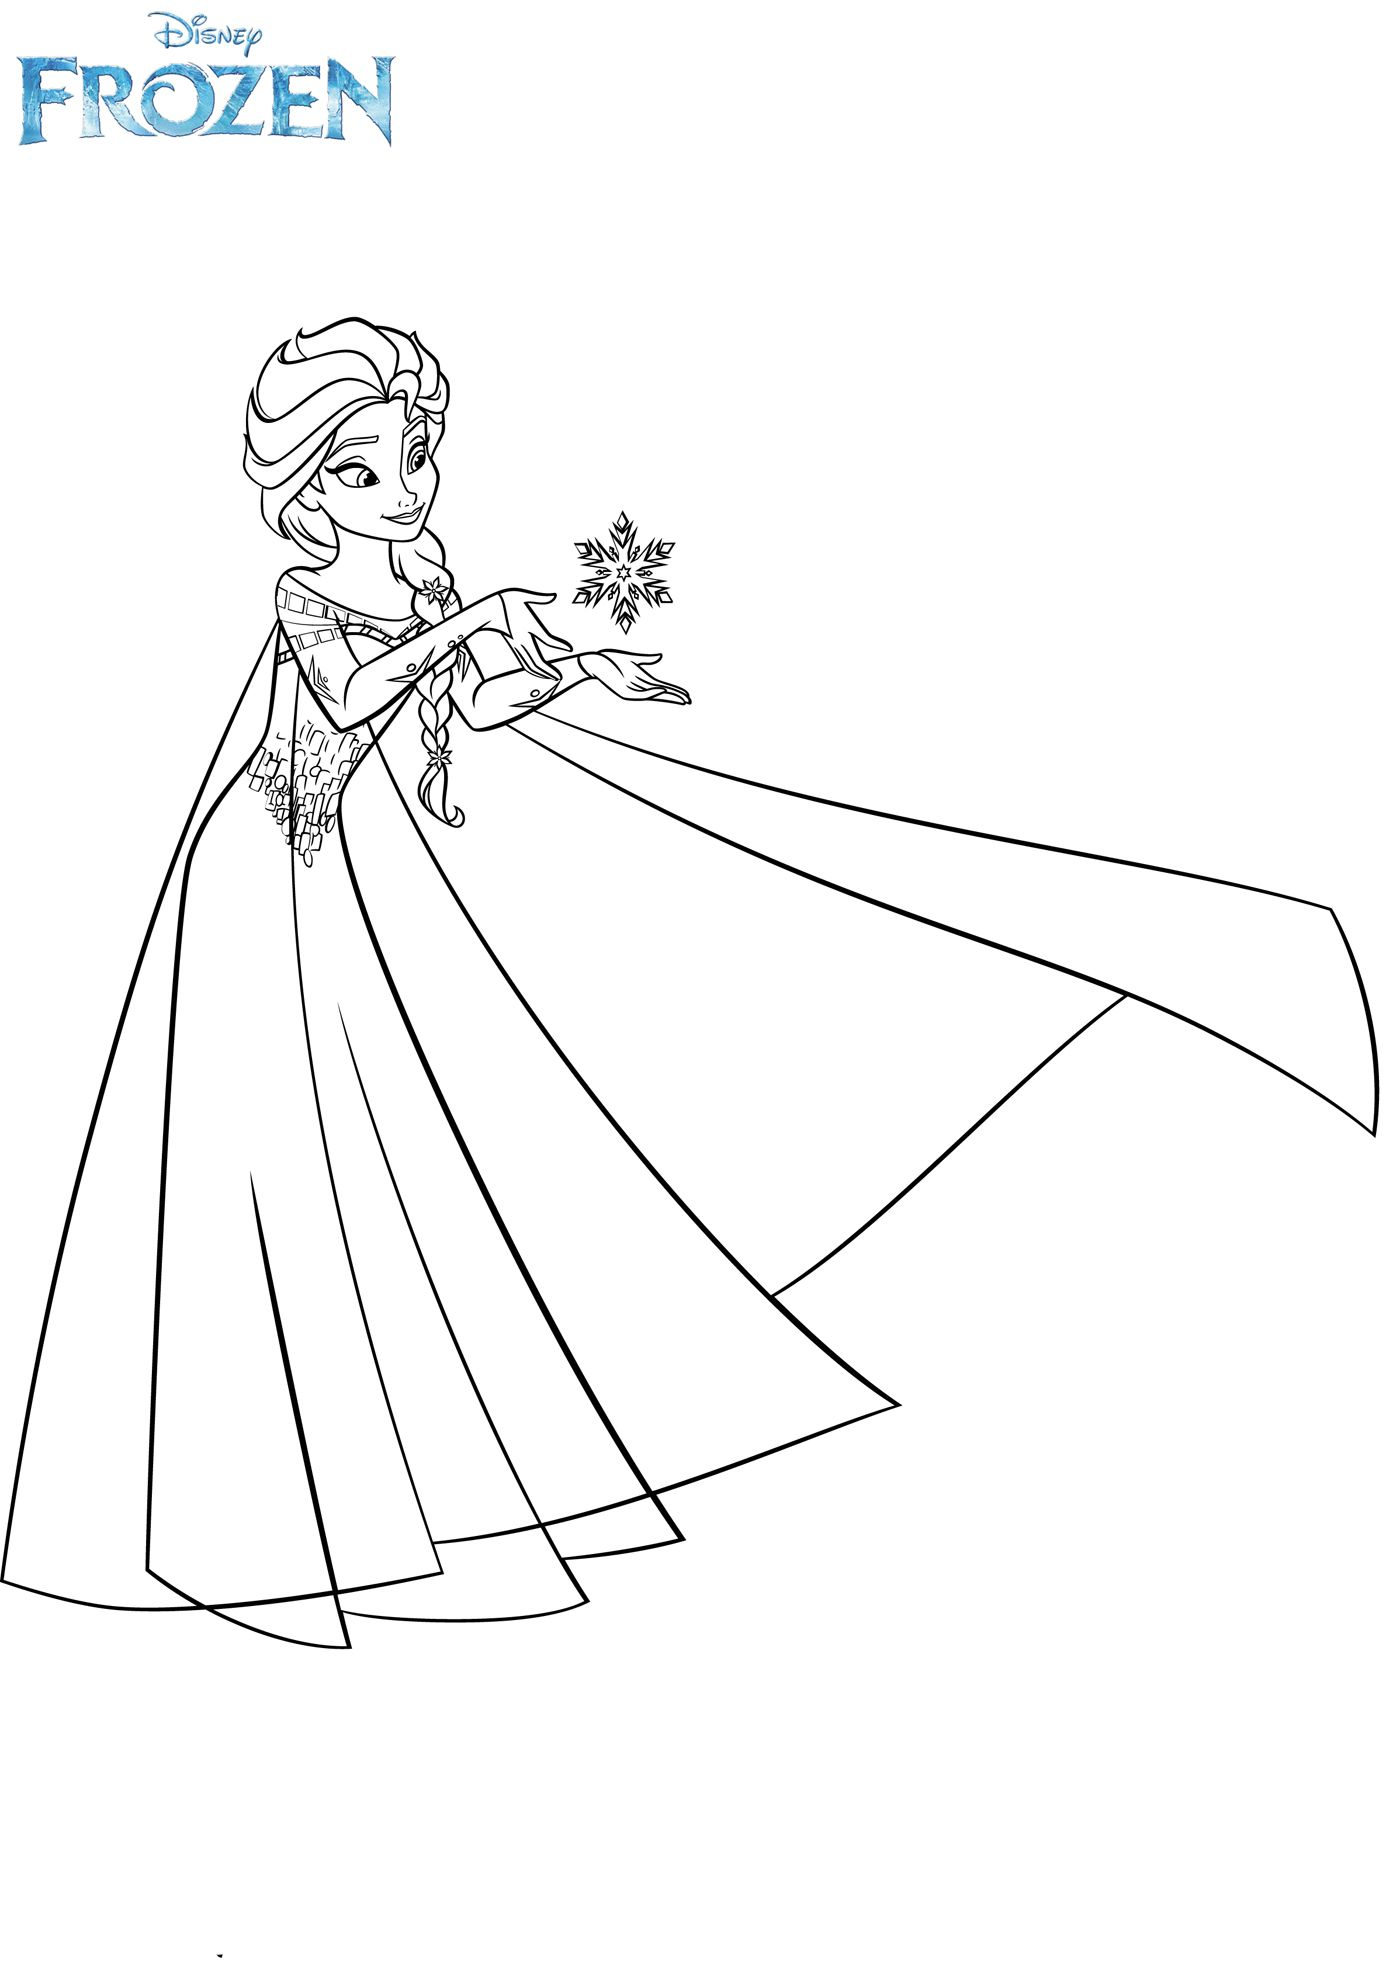 раскраска холодное сердце королева эльза и снежинка Frozen